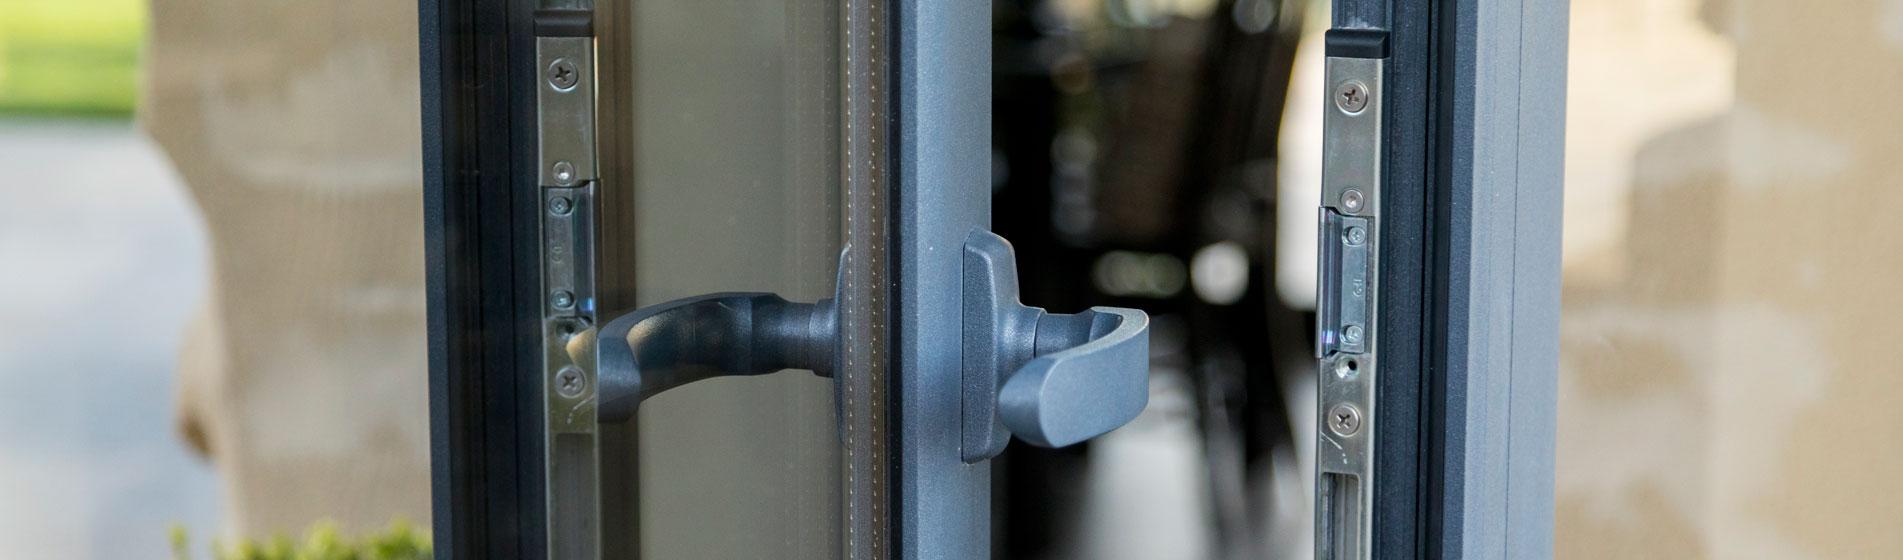 acheter porte fenêtre pvc 13 Bouches-du-Rhône